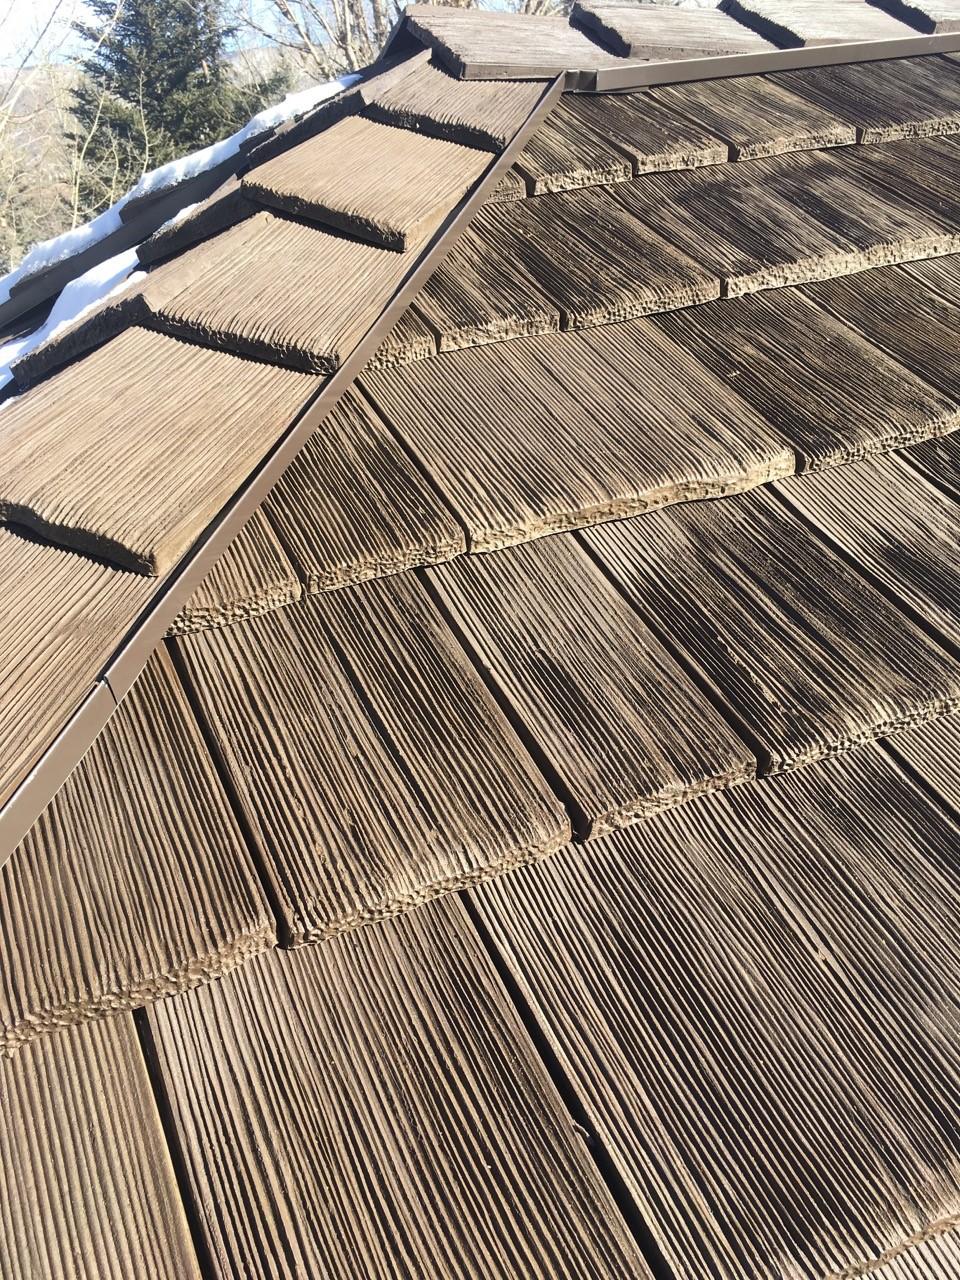 CeDUR Walden roof Tcc-Goetz (3).jpg